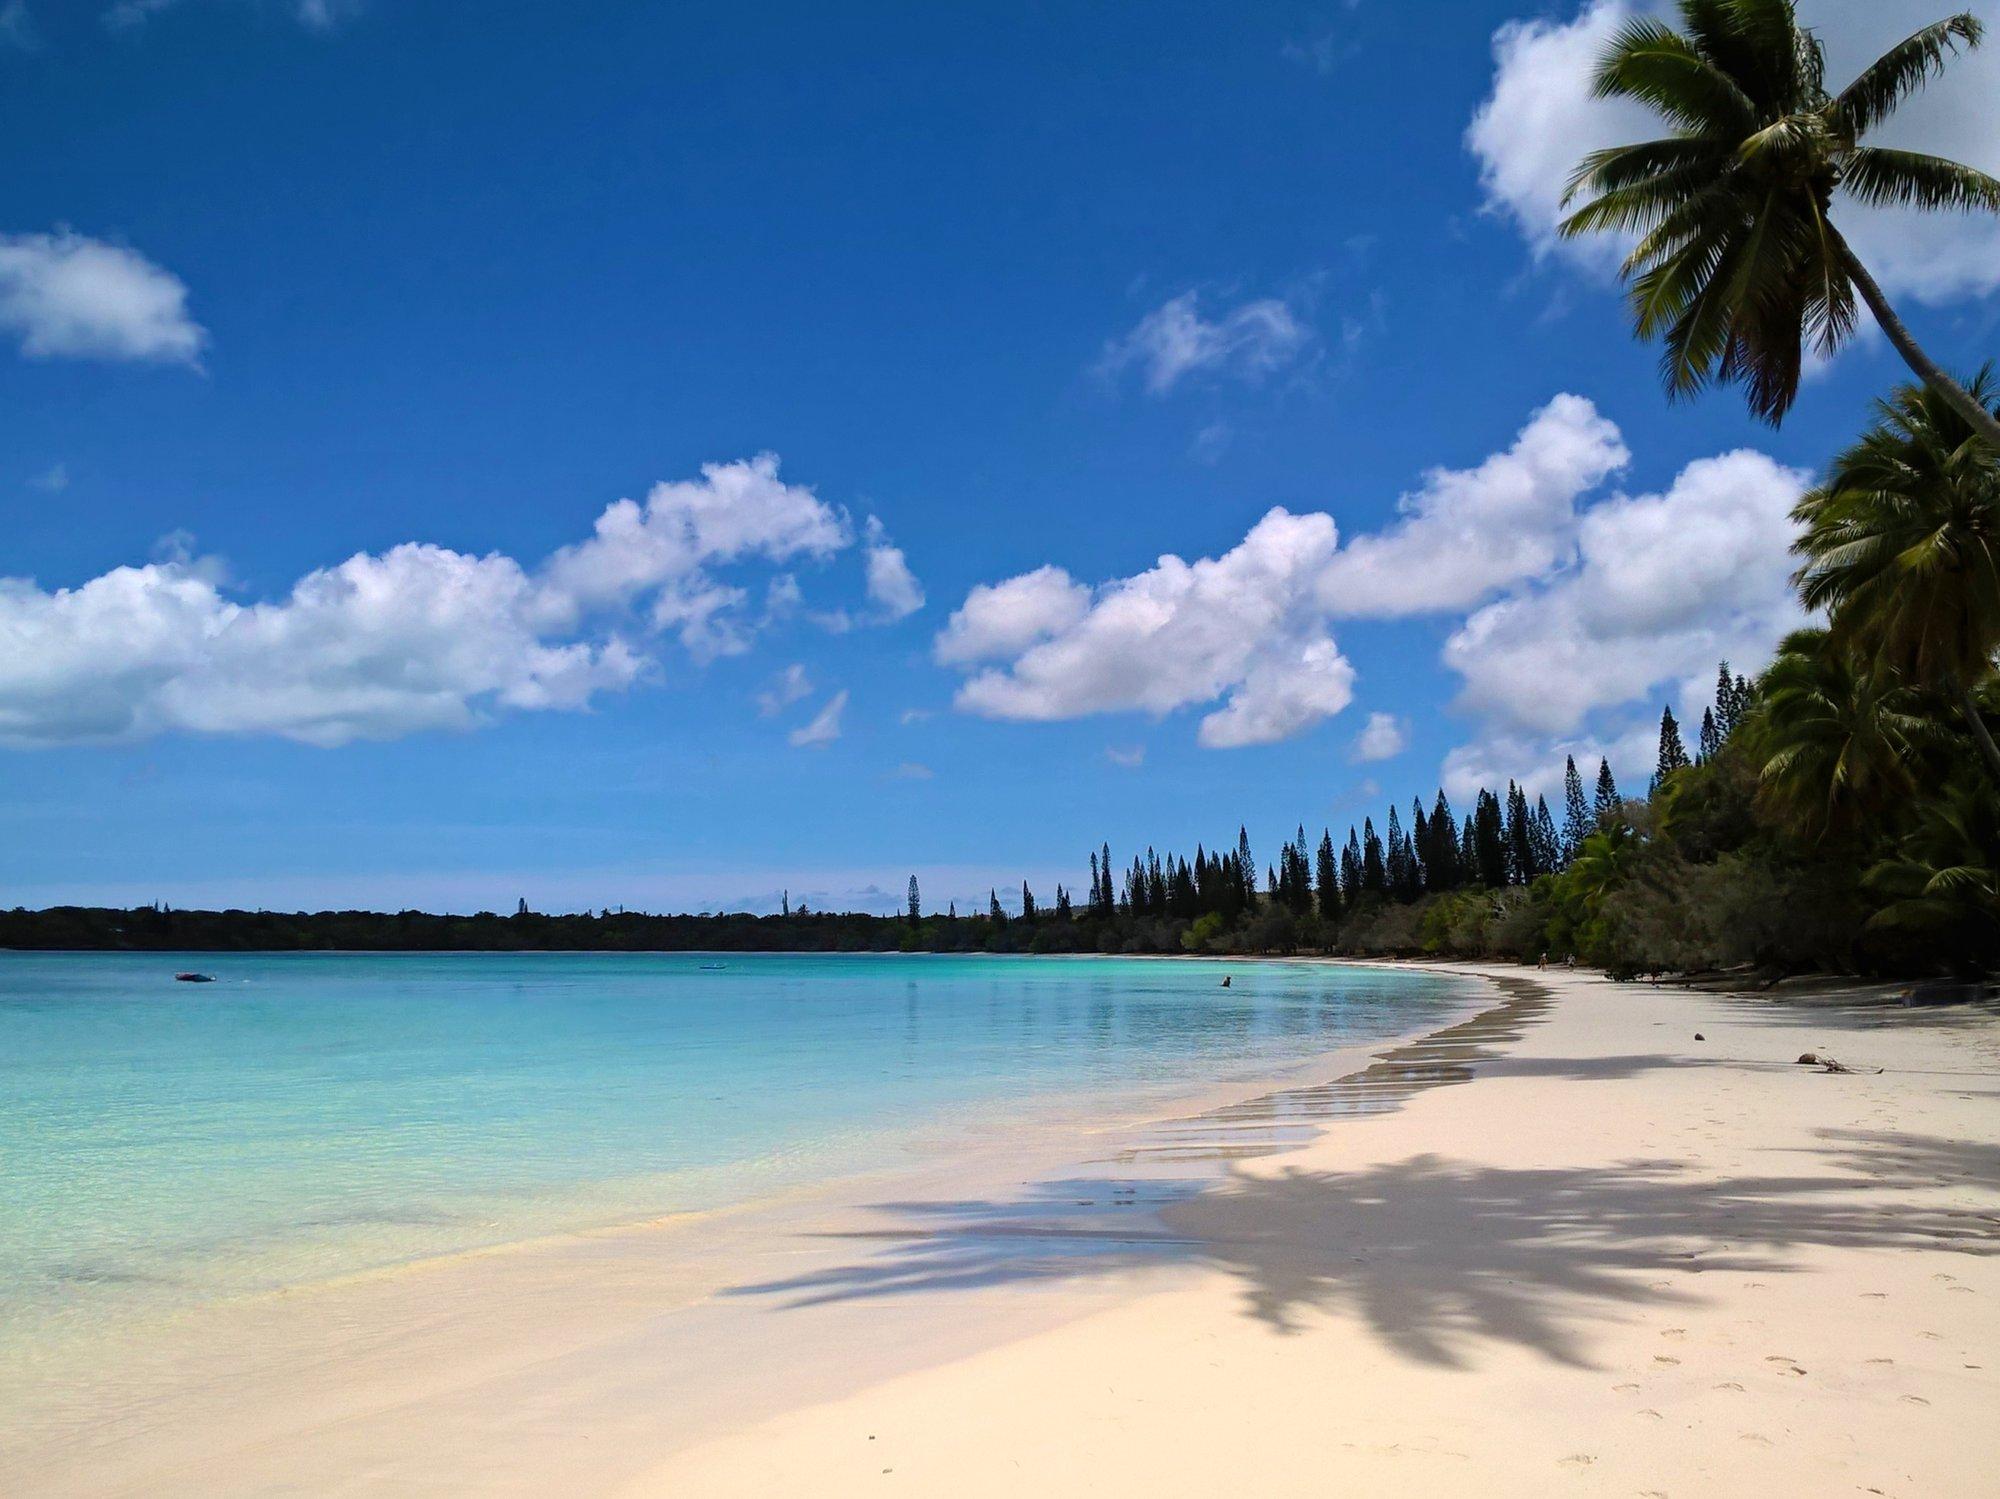 pláž Kuto rozhodne nesmiete vynechať